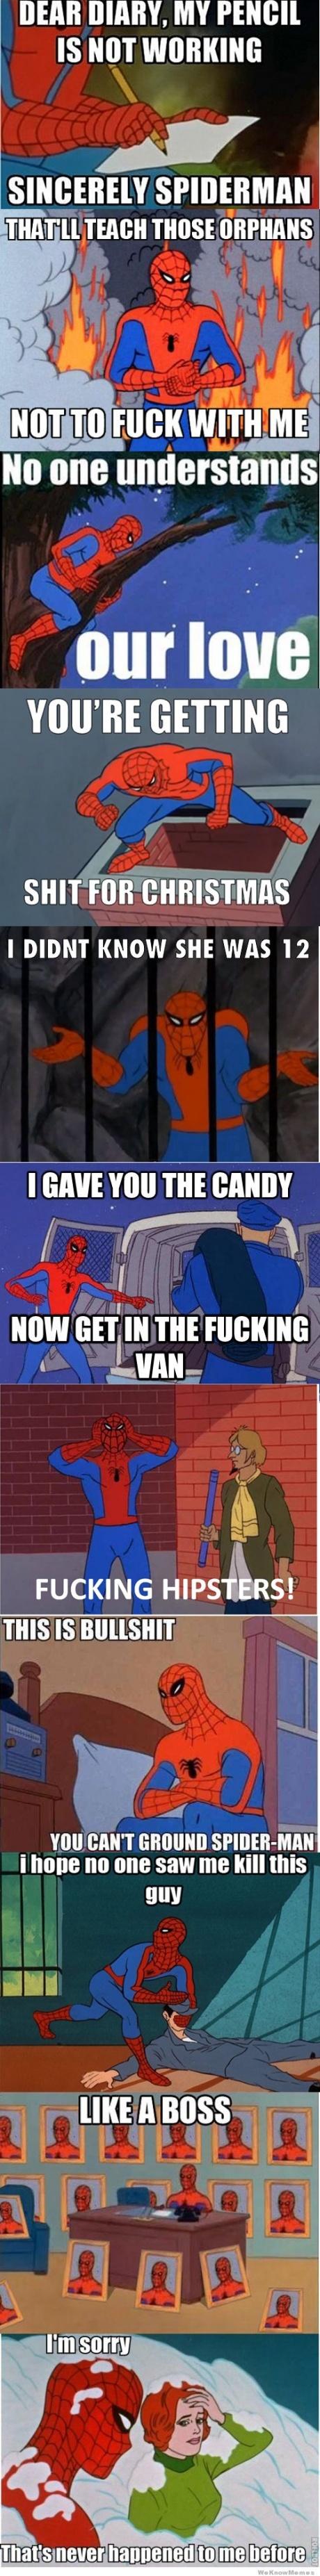 I love 60s spiderman jokes.